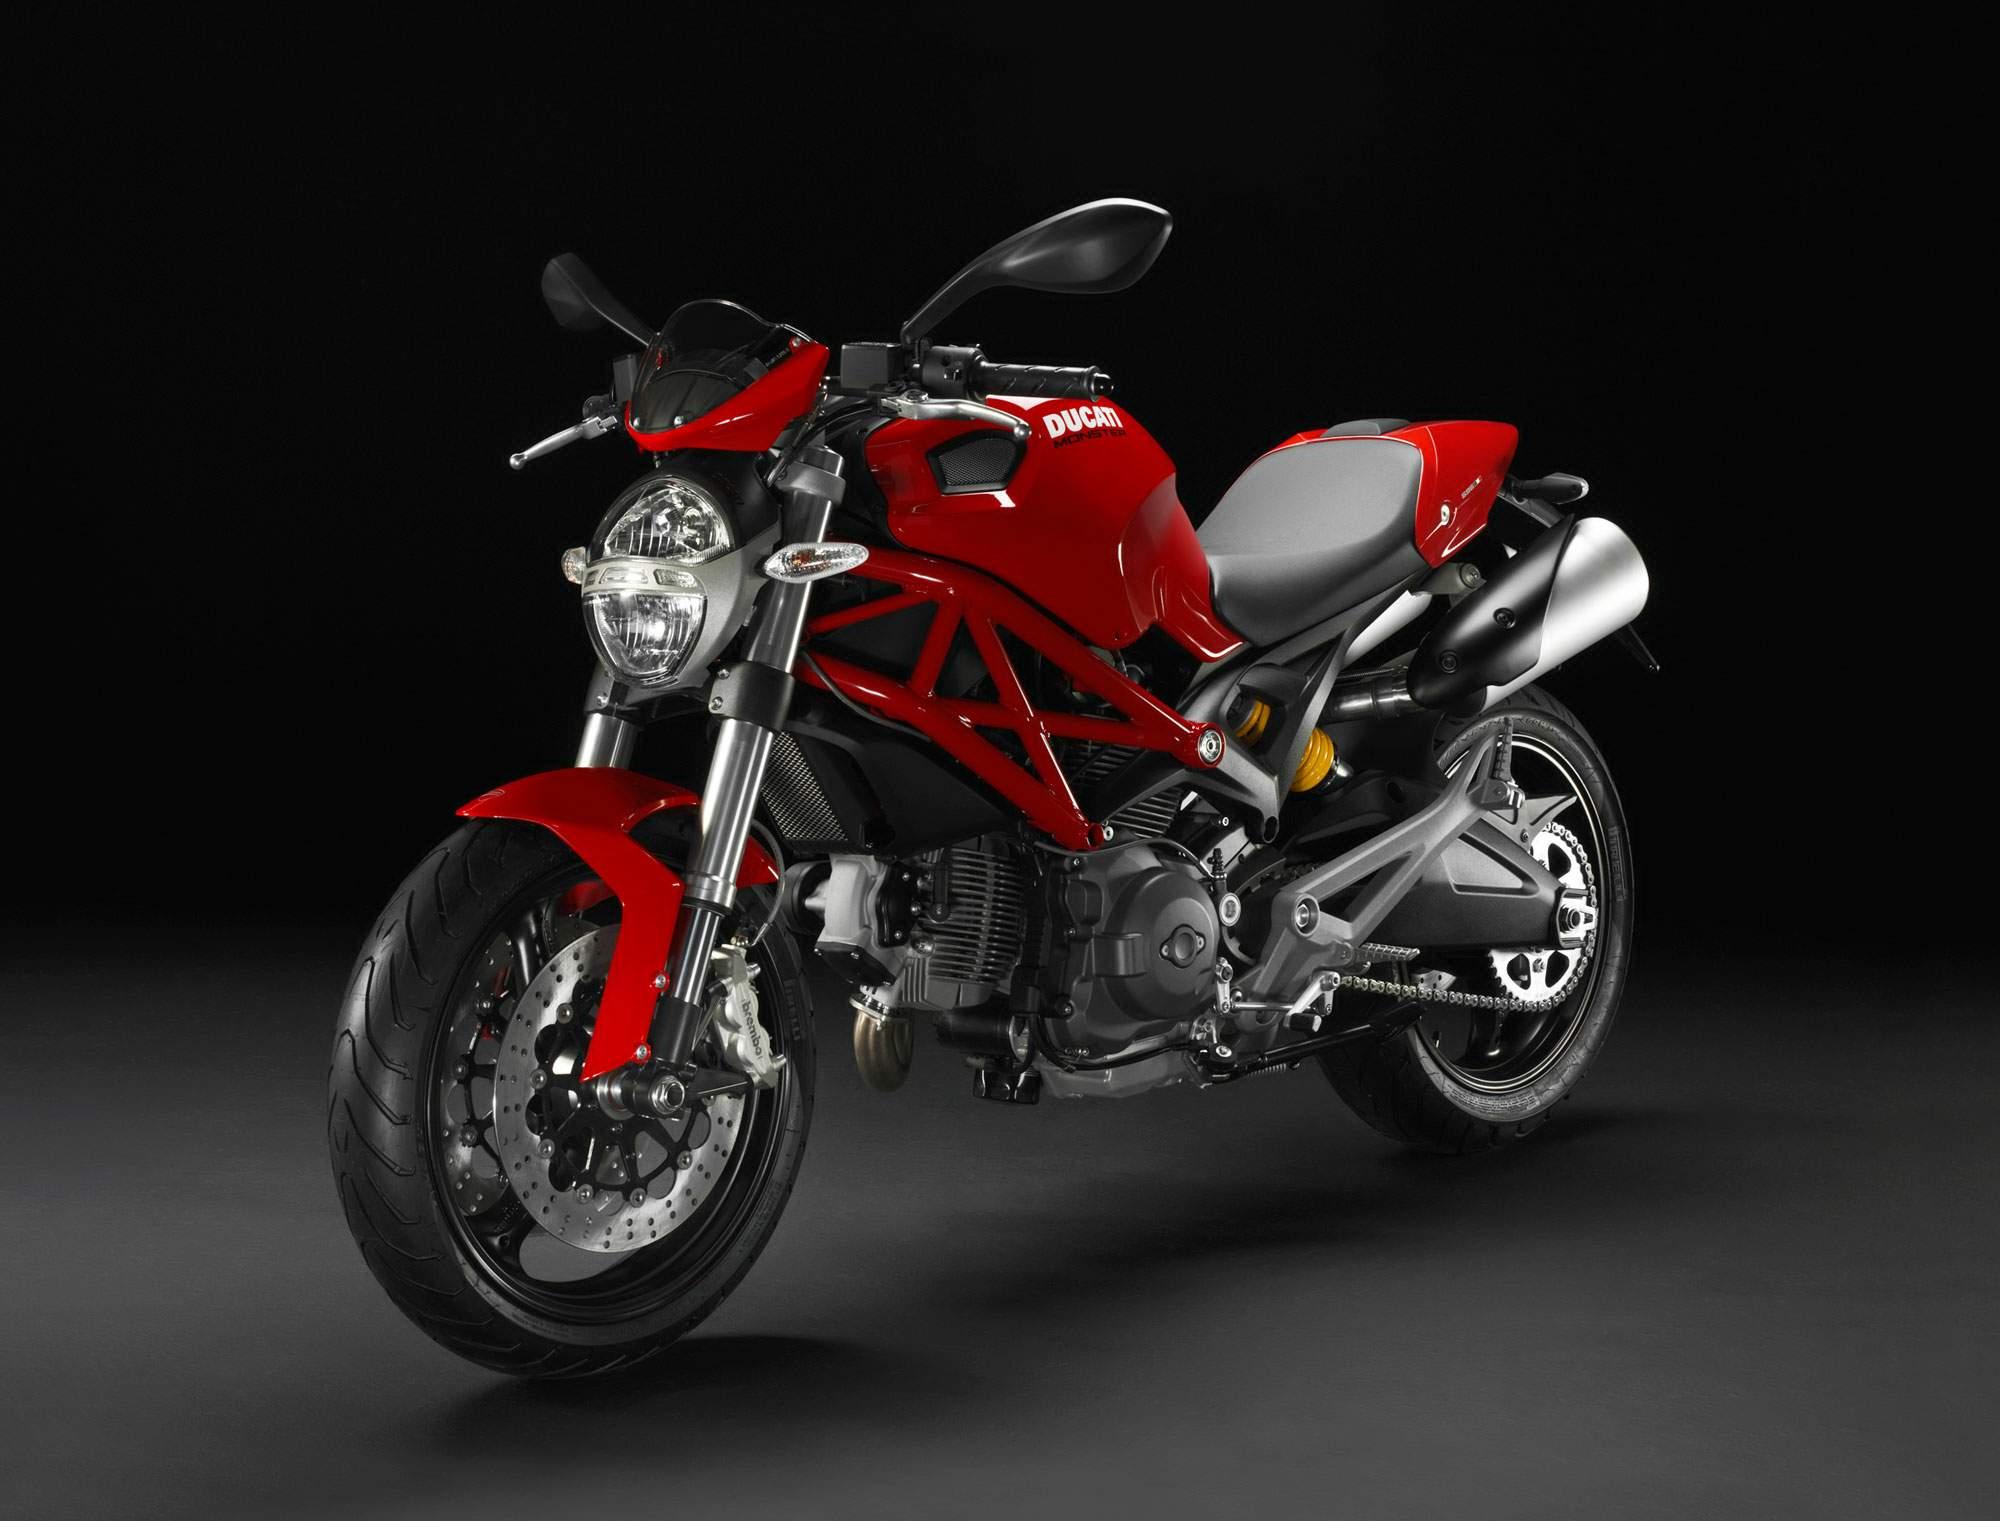 ducati monster models autoevolution ducati monster 696